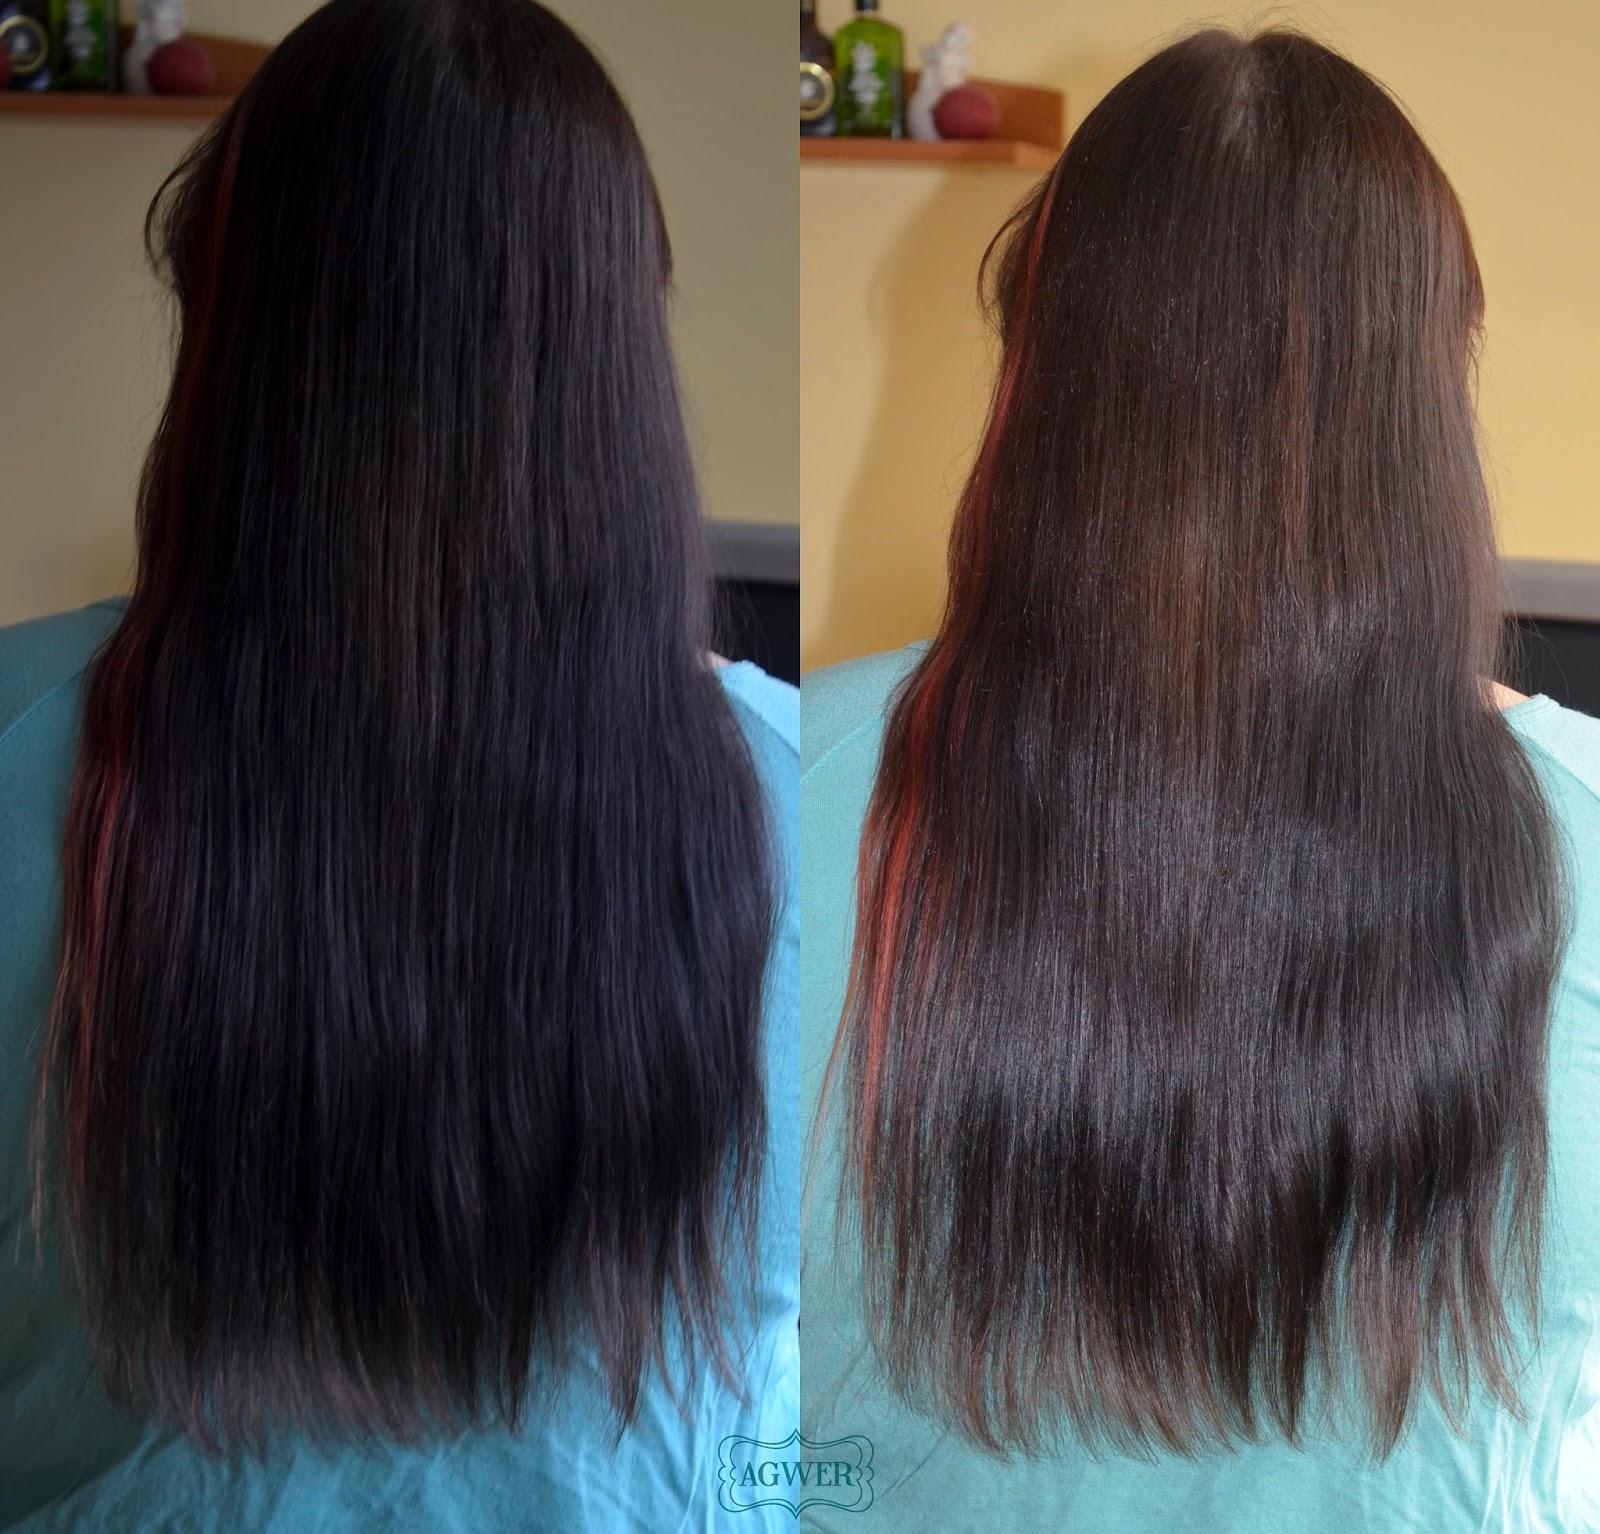 # Wrześniowa aktualizacja włosów